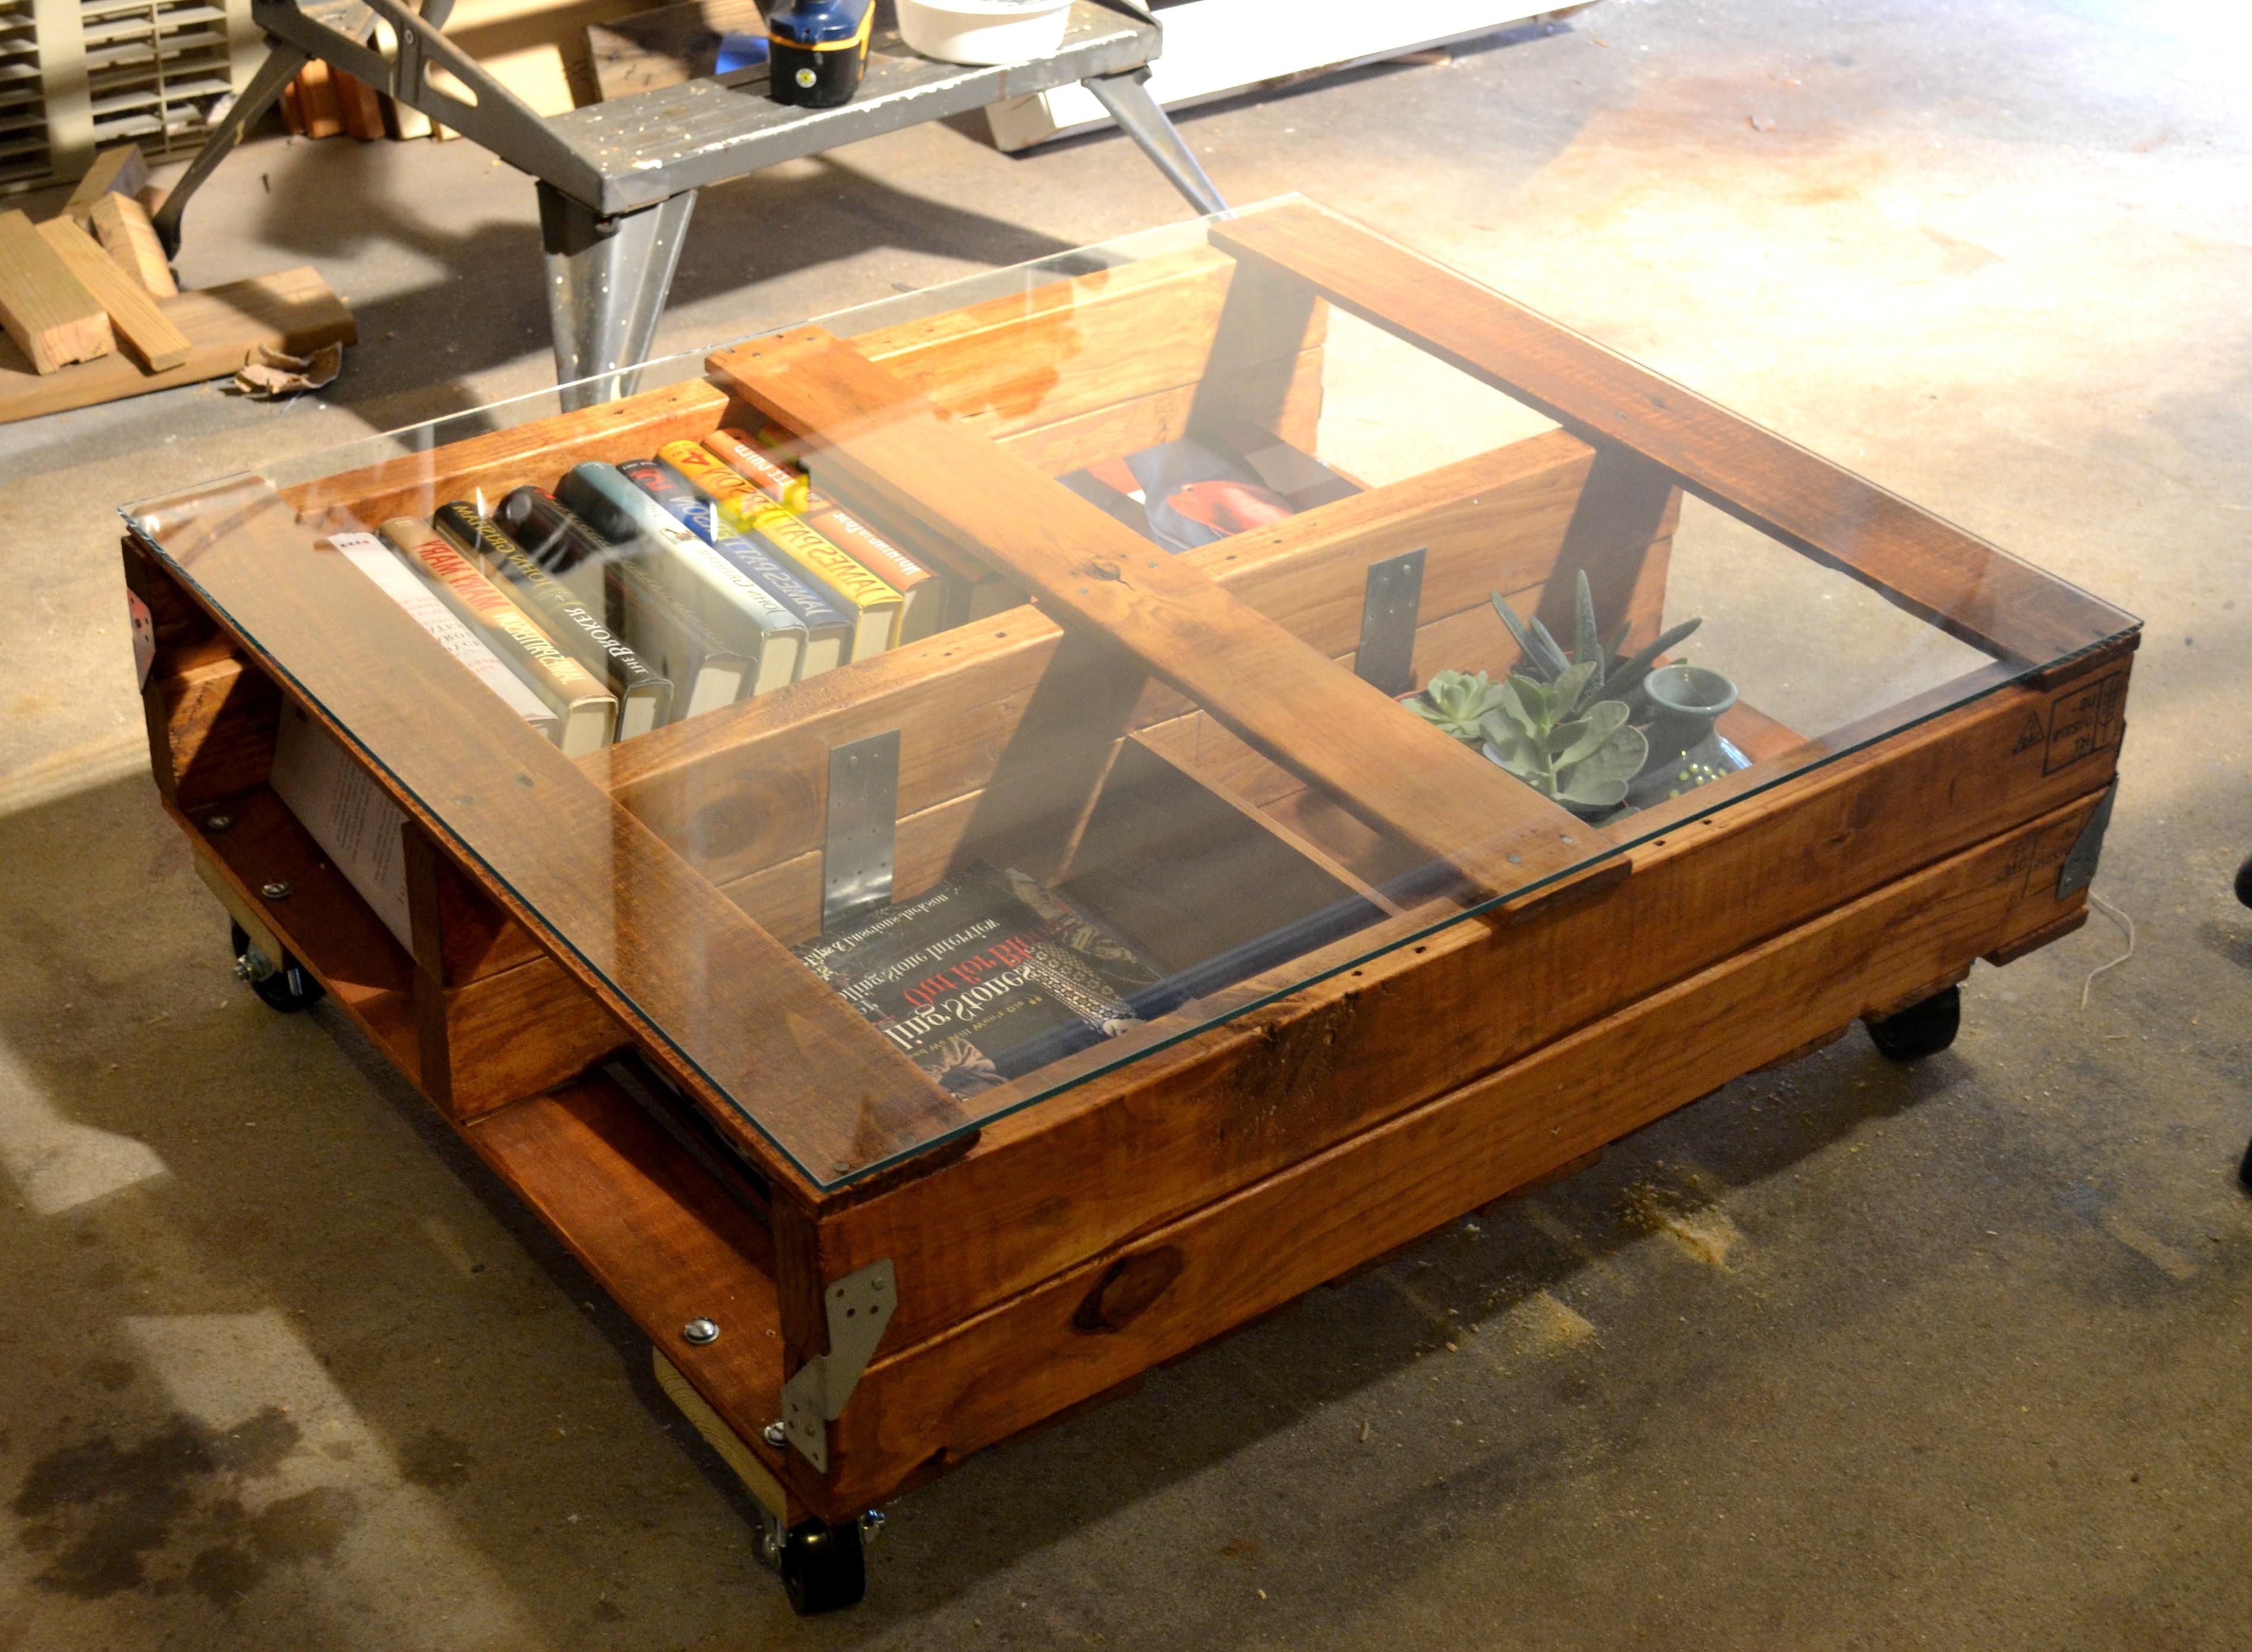 Un design comme celui-ci vous donne la possibilité d'organiser vos affaires à l'intérieur de la table basse à palette.